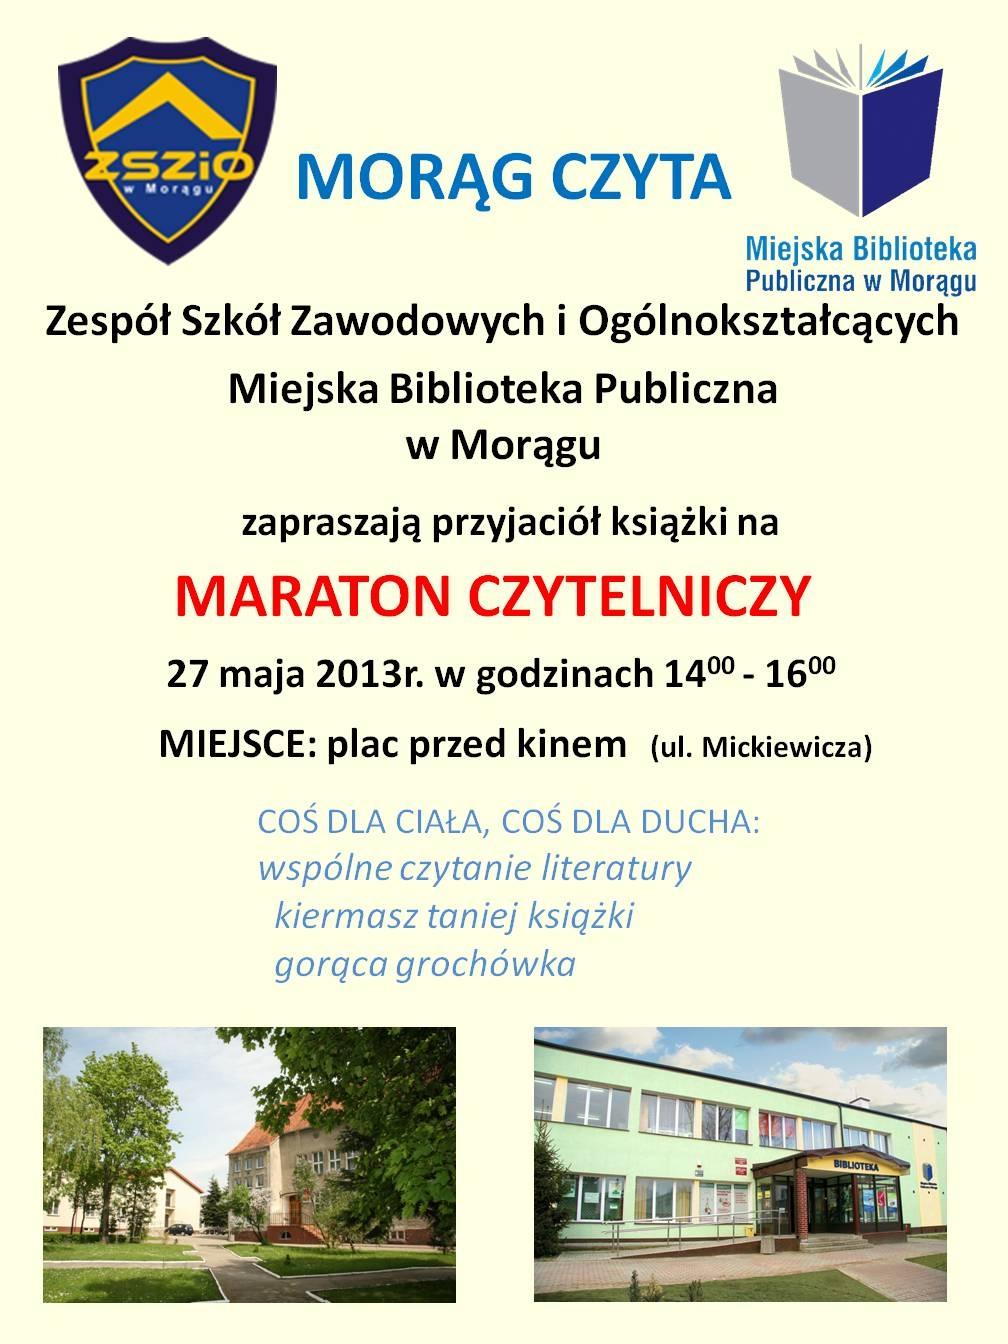 Plakat maratonu czytelniczego, na górze loga Zespołu Szkół Zawodowych i Ogólnokształcących oraz biblioteki w Morągu, na dole fotografie budynków szkoły i biblioteki